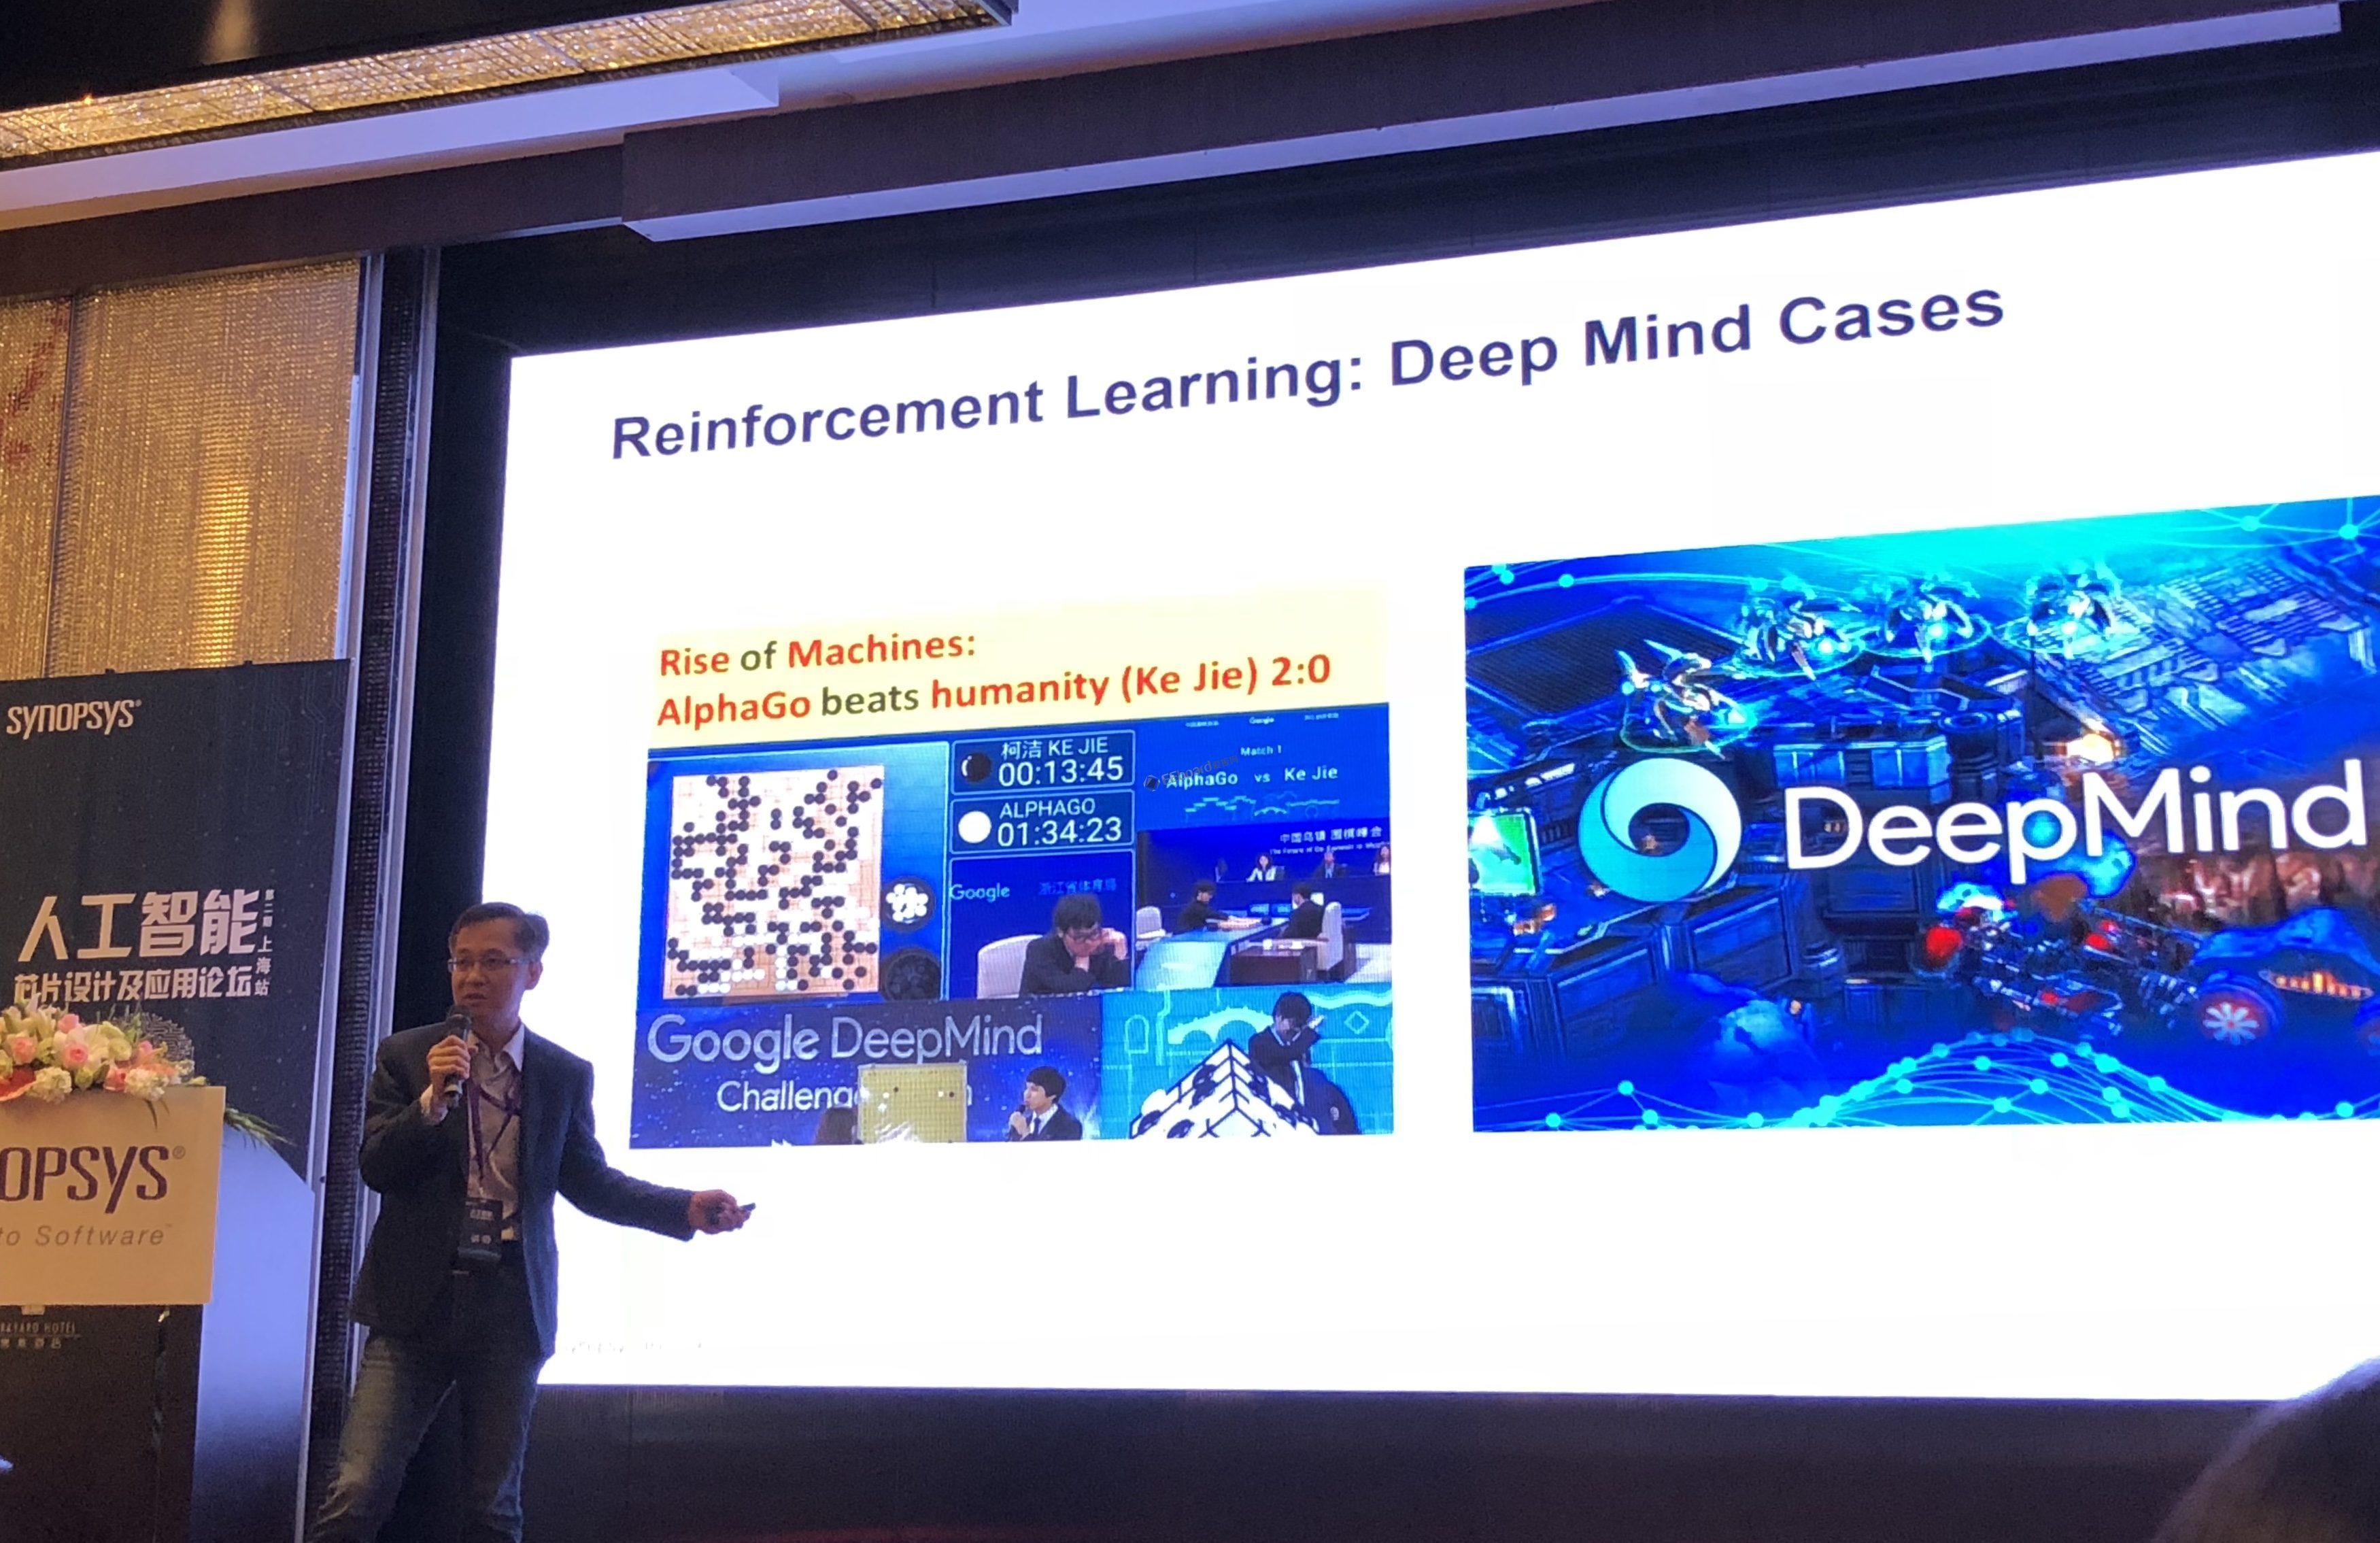 無芯片不 AI :人工智能的機遇和挑戰